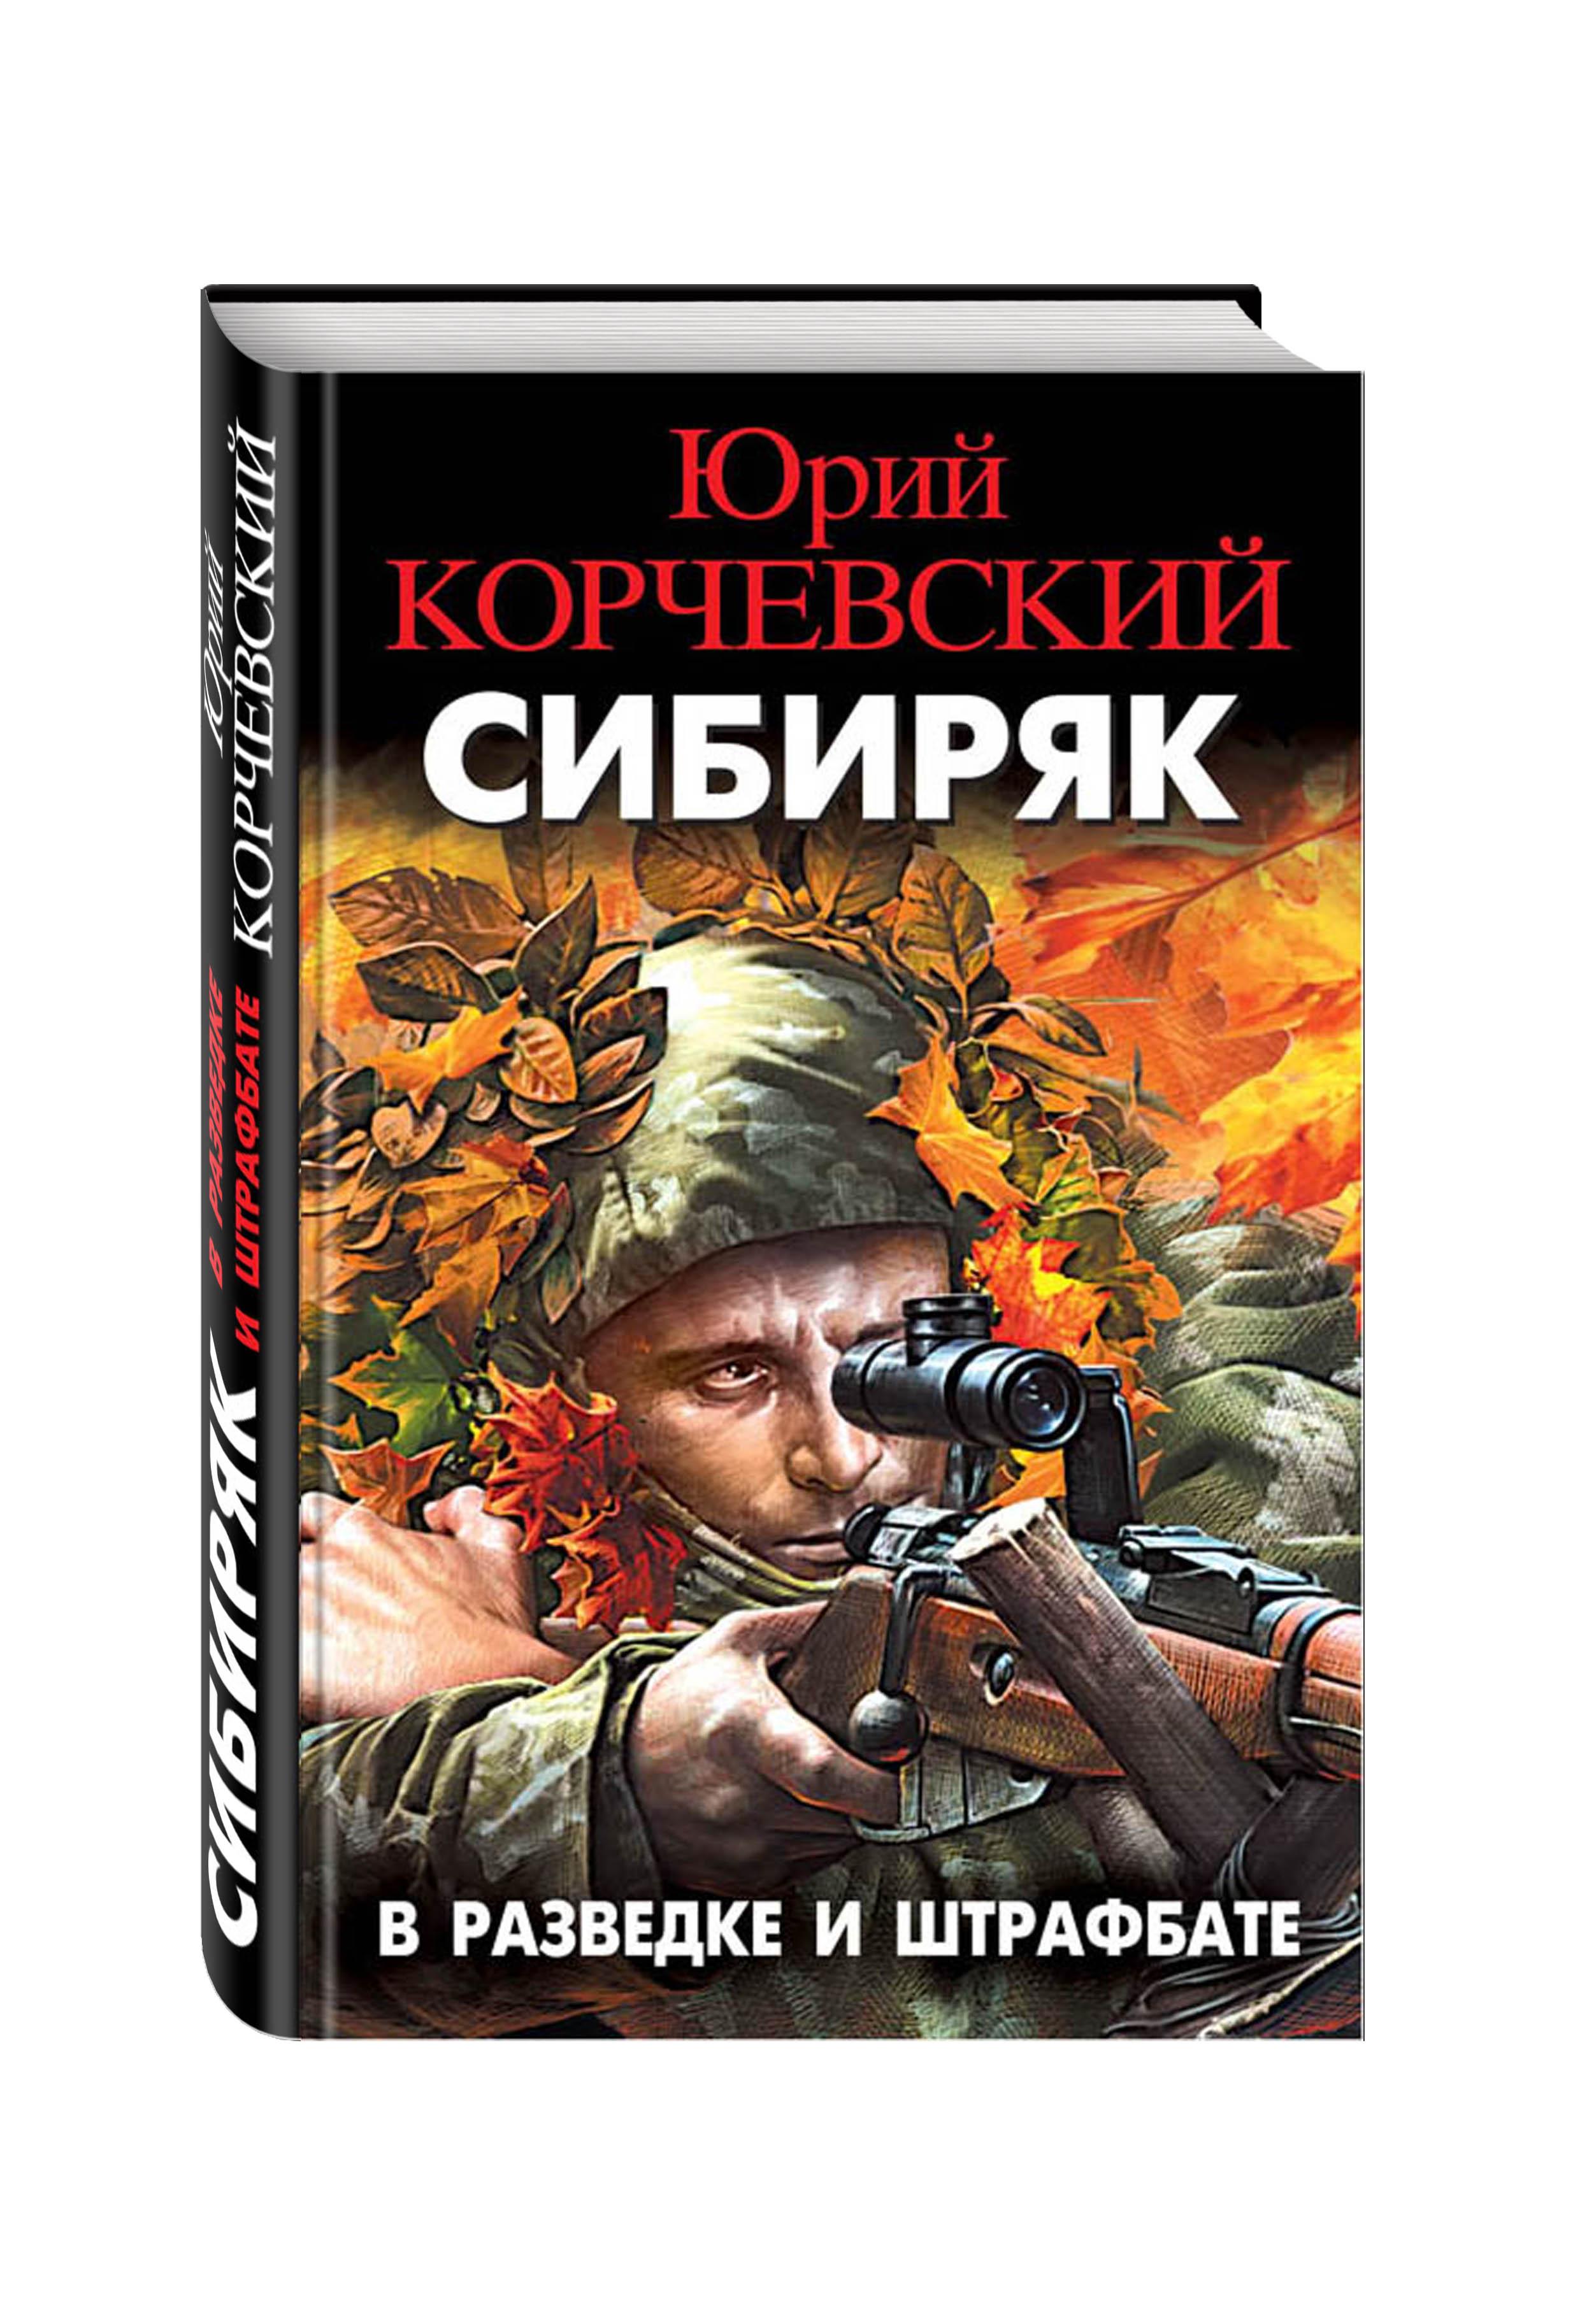 Корчевский Ю.Г. Сибиряк. В разведке и штрафбате в разведке